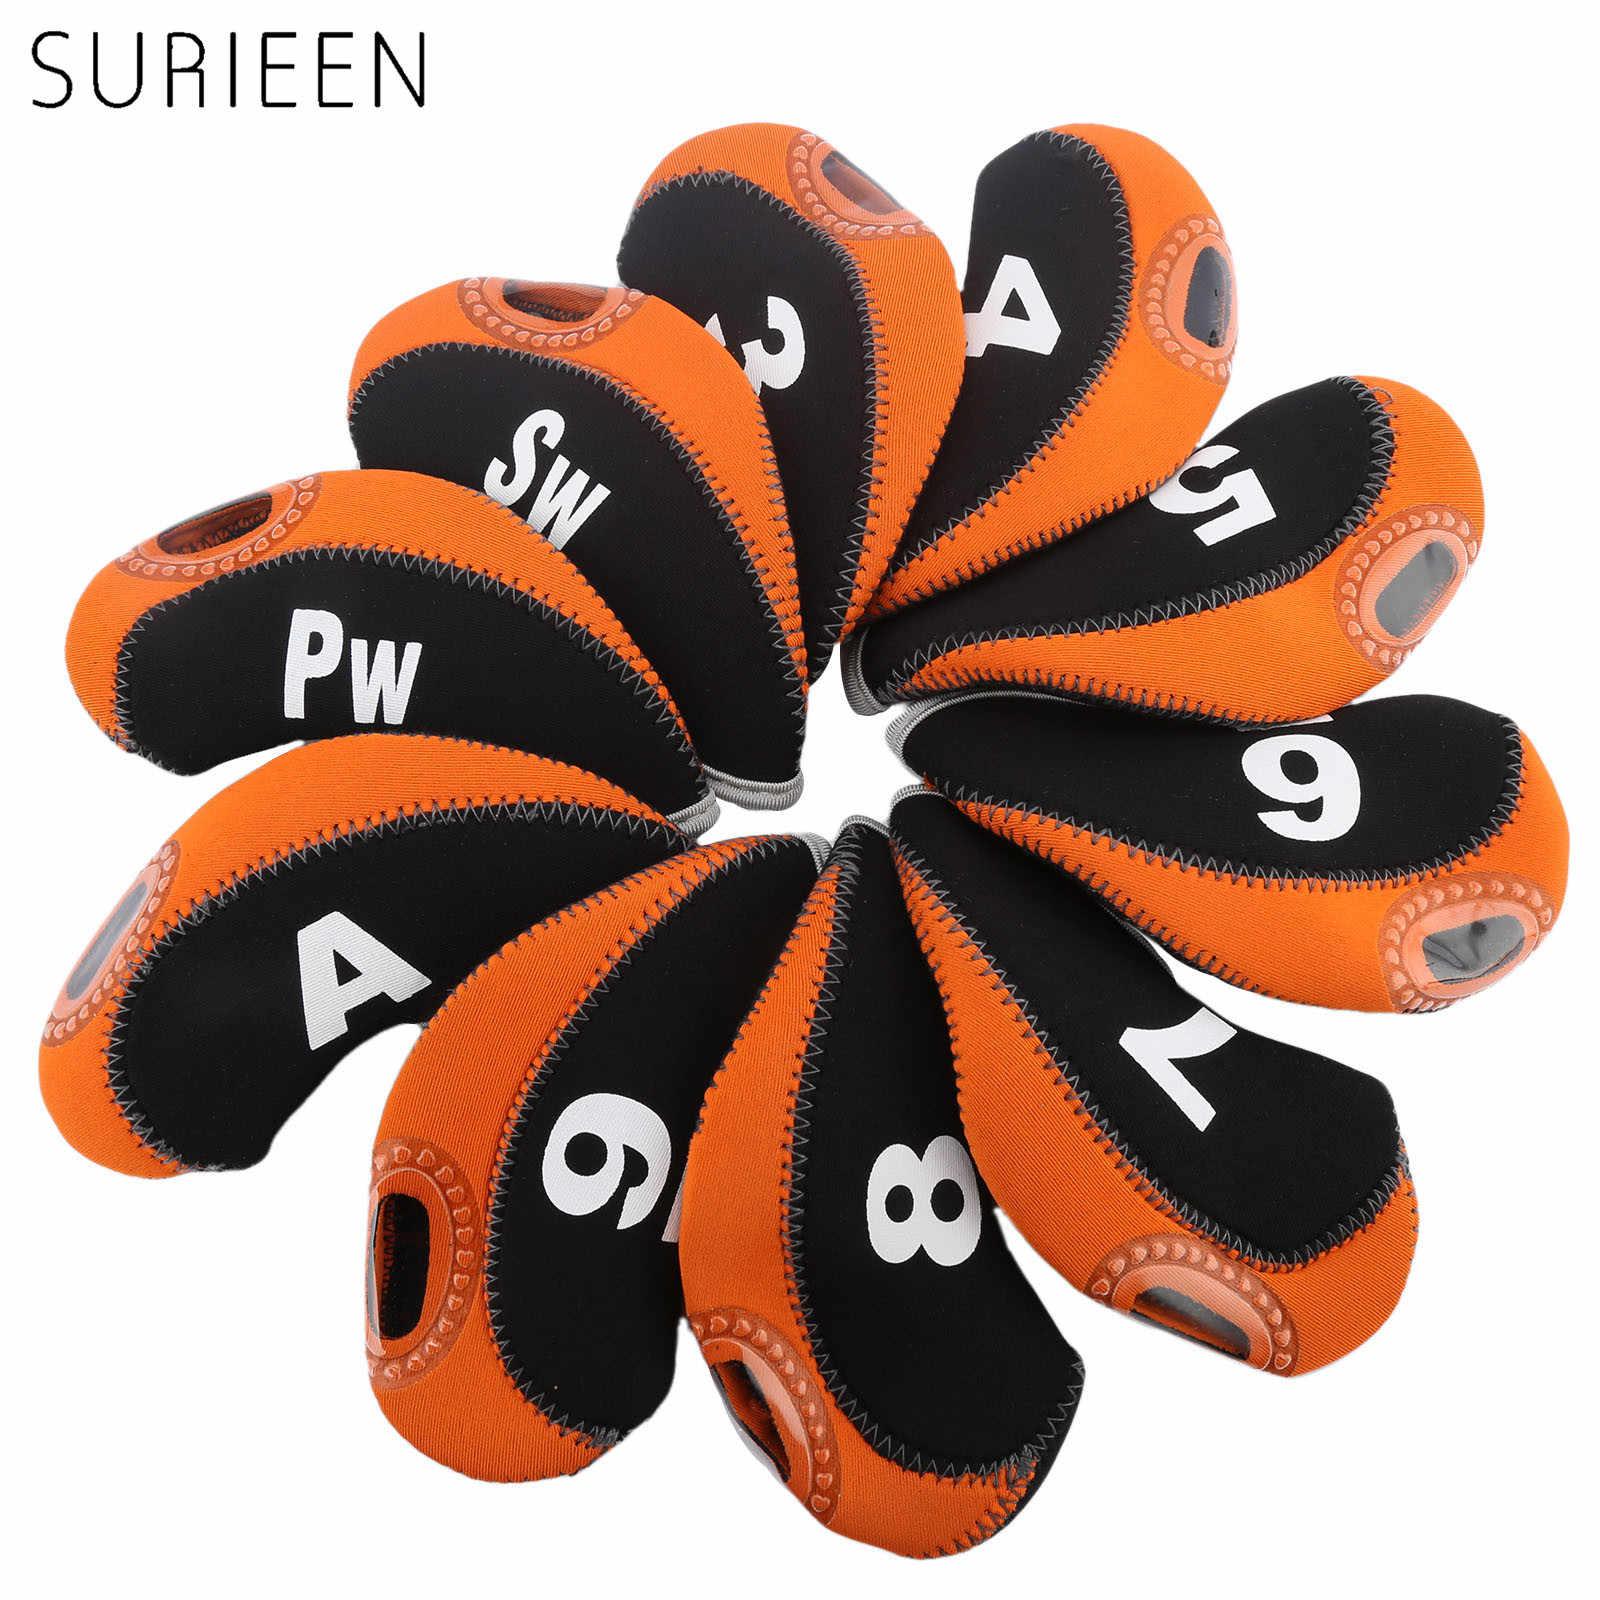 10 piezas de cubierta de cabeza de Golf Club de Golf de hierro Putter Protector de cabeza accesorios de palos de Golf Putter cubierta 3 4 5 6 7 8 9 PW SW un